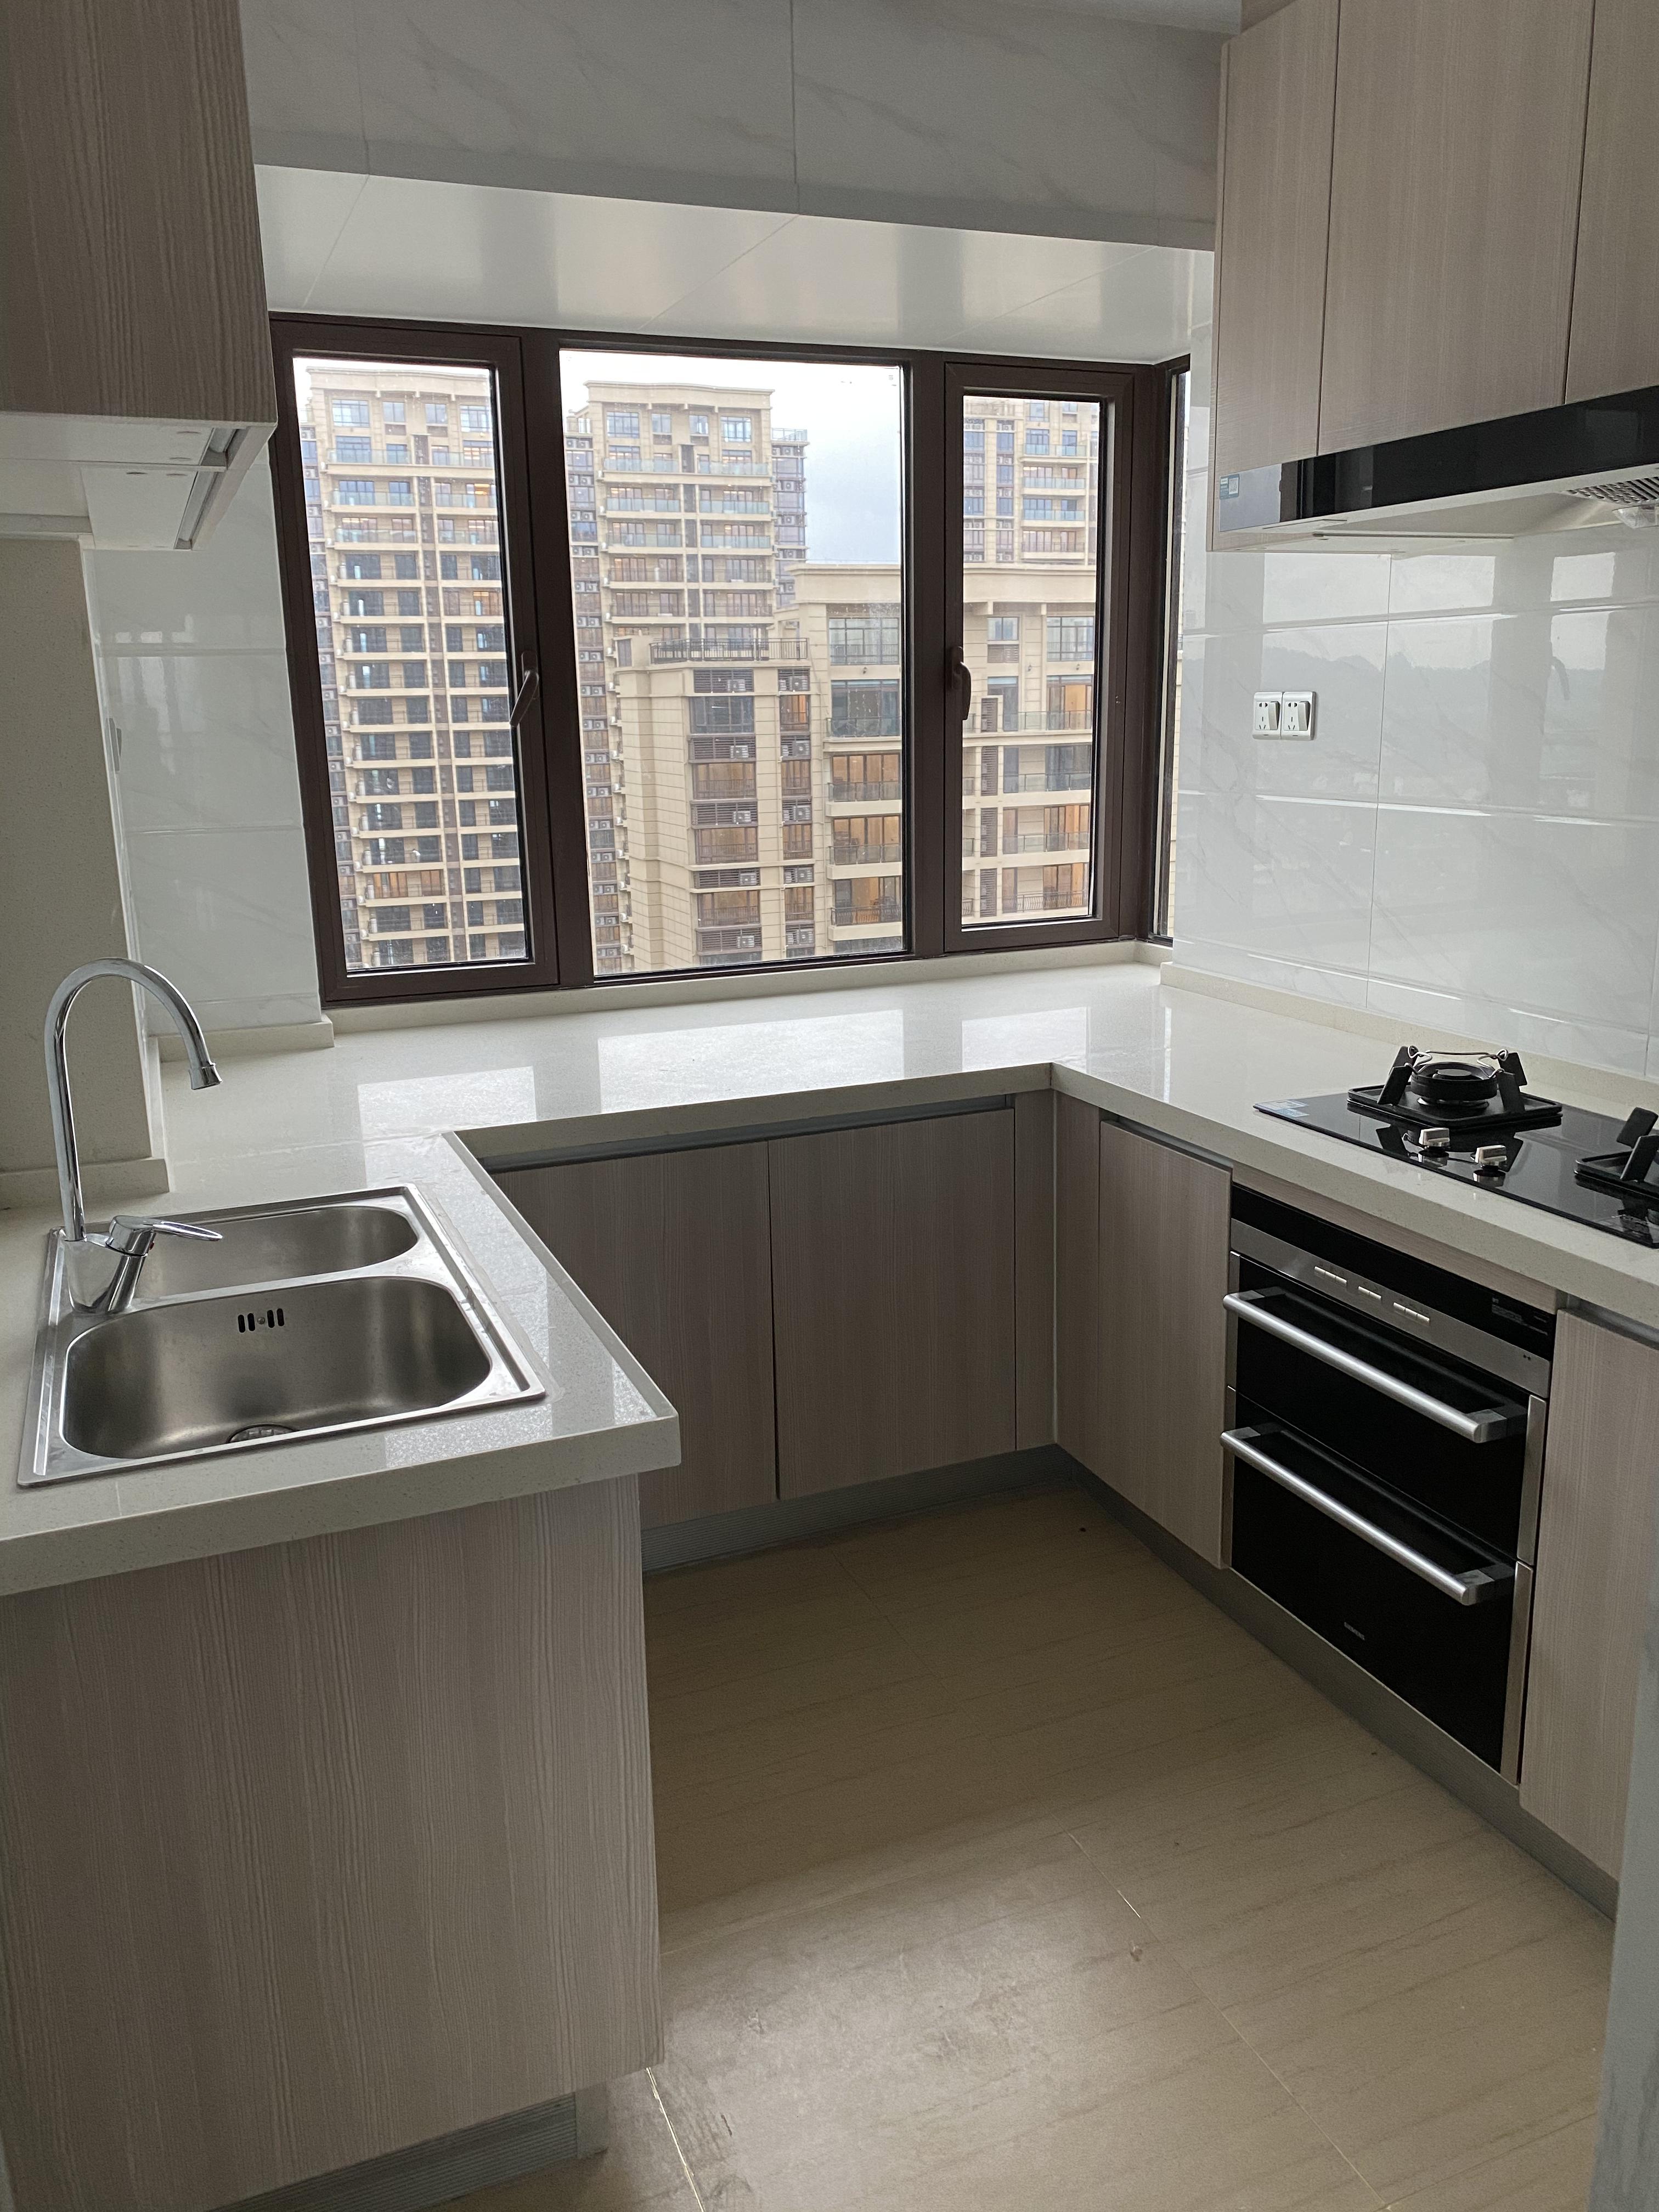 临浦碧桂园精装修房子出租,138方大户型4房2厅2卫,楼层好